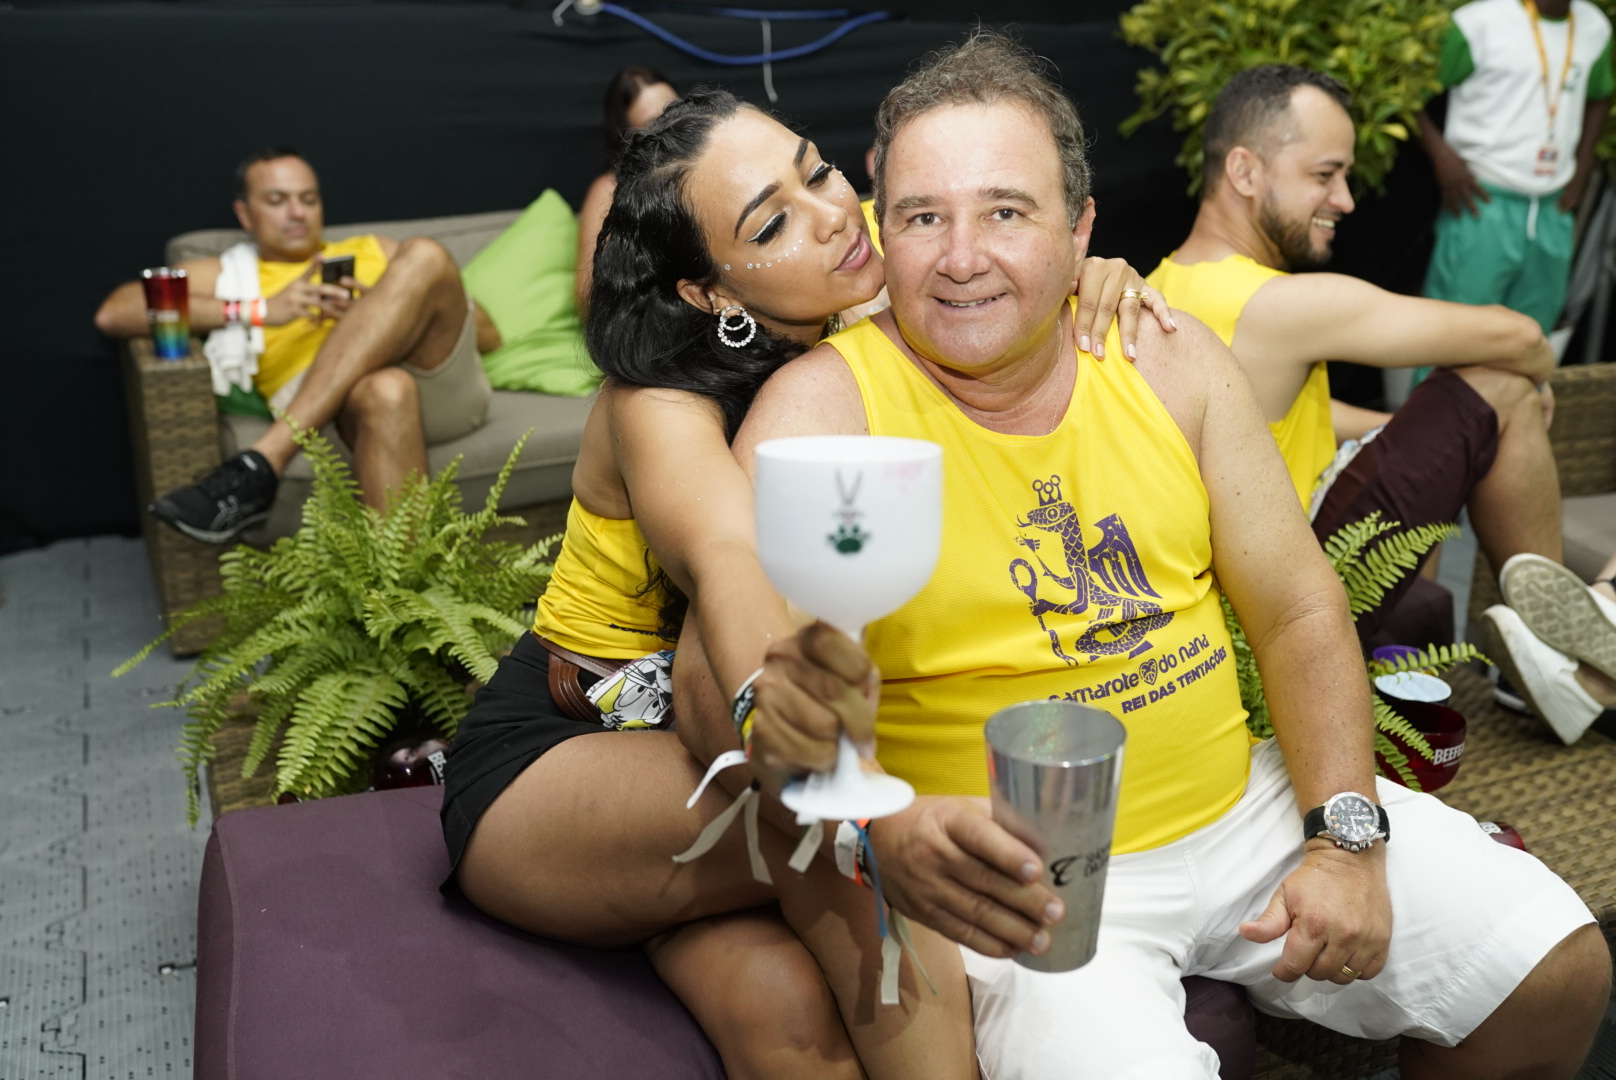 Áurea Reis e Luciano Villas Boas